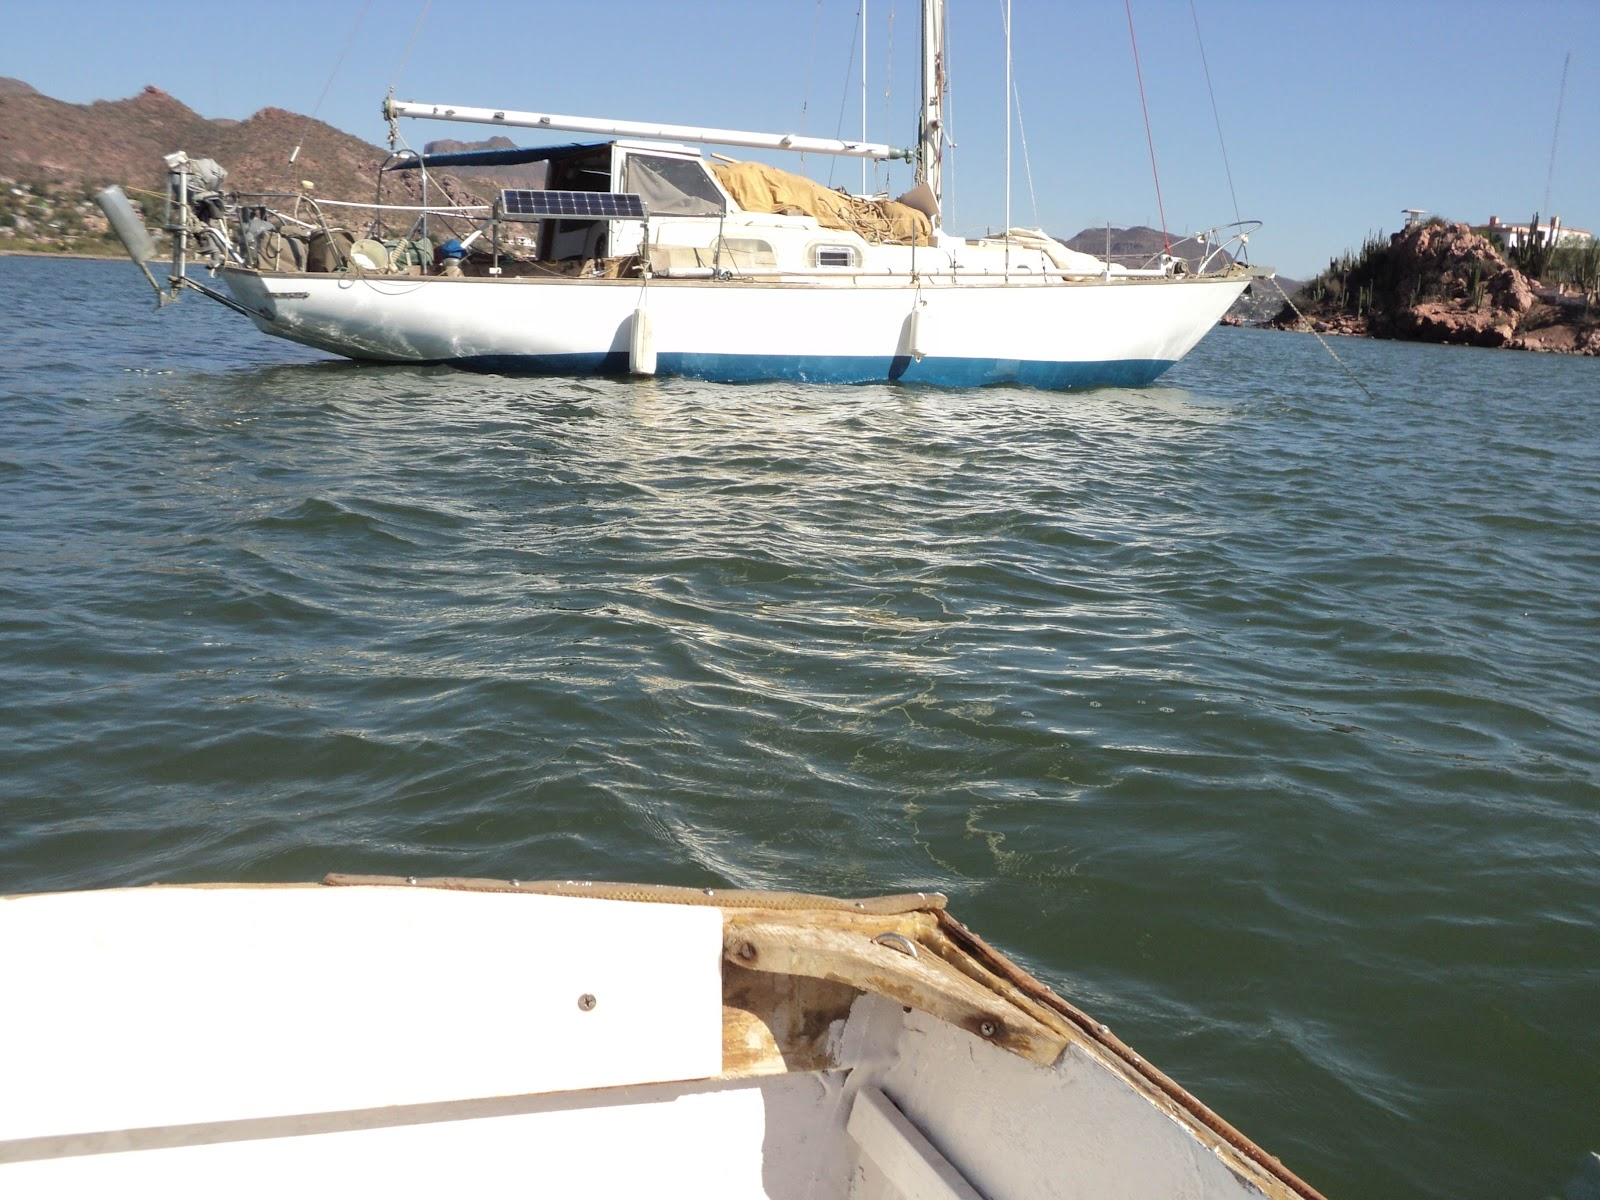 Sailing a Pearson Alberg 35